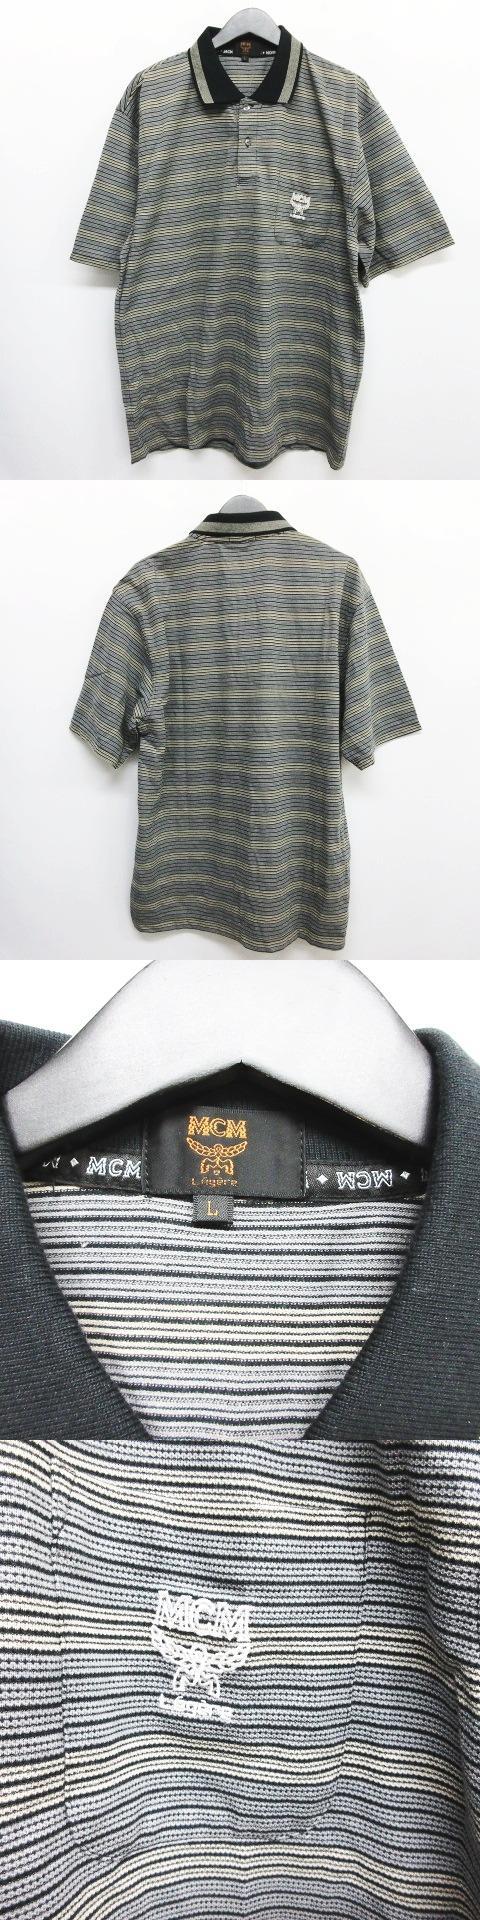 ビンテージ ポロシャツ カットソー トップス ボーダー柄 グレー サイズL 〇7